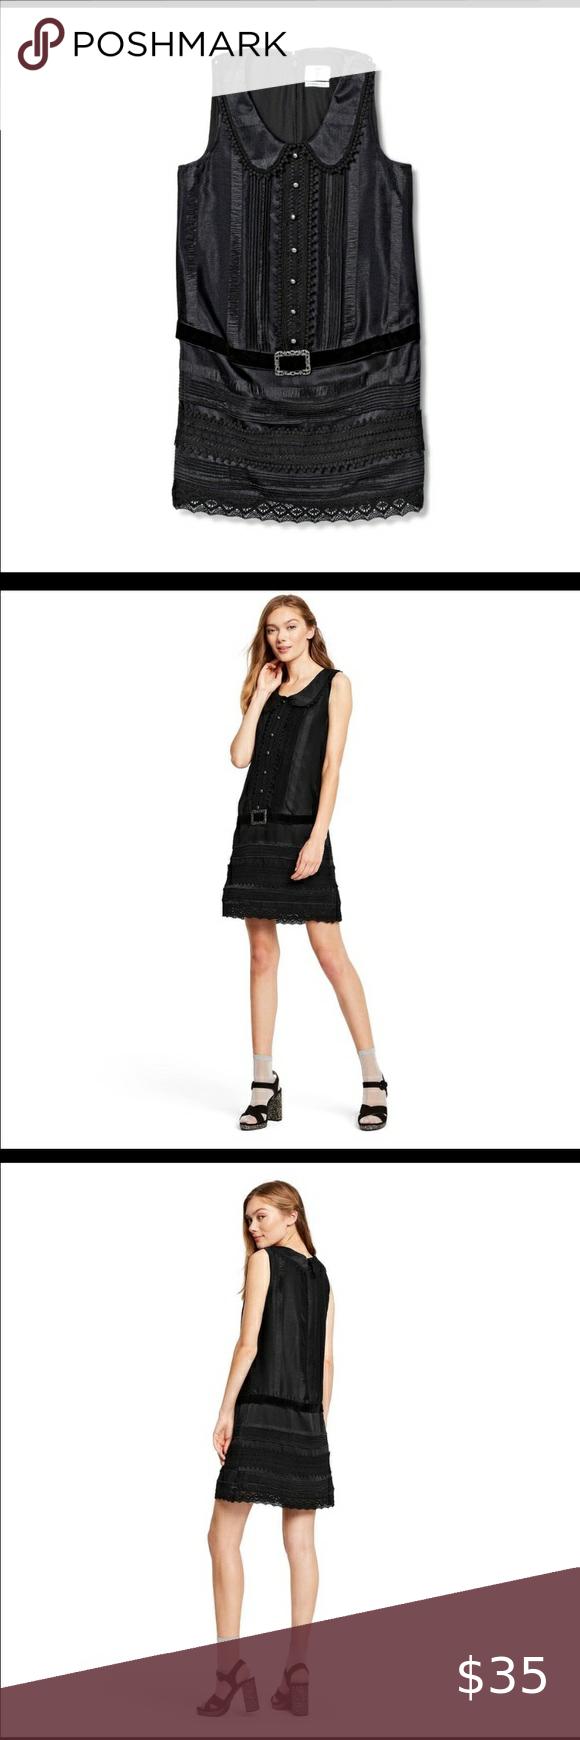 Anna Sui For Target Textured Black Dress Black Dress Glitz Dress Small Dress [ 1740 x 580 Pixel ]